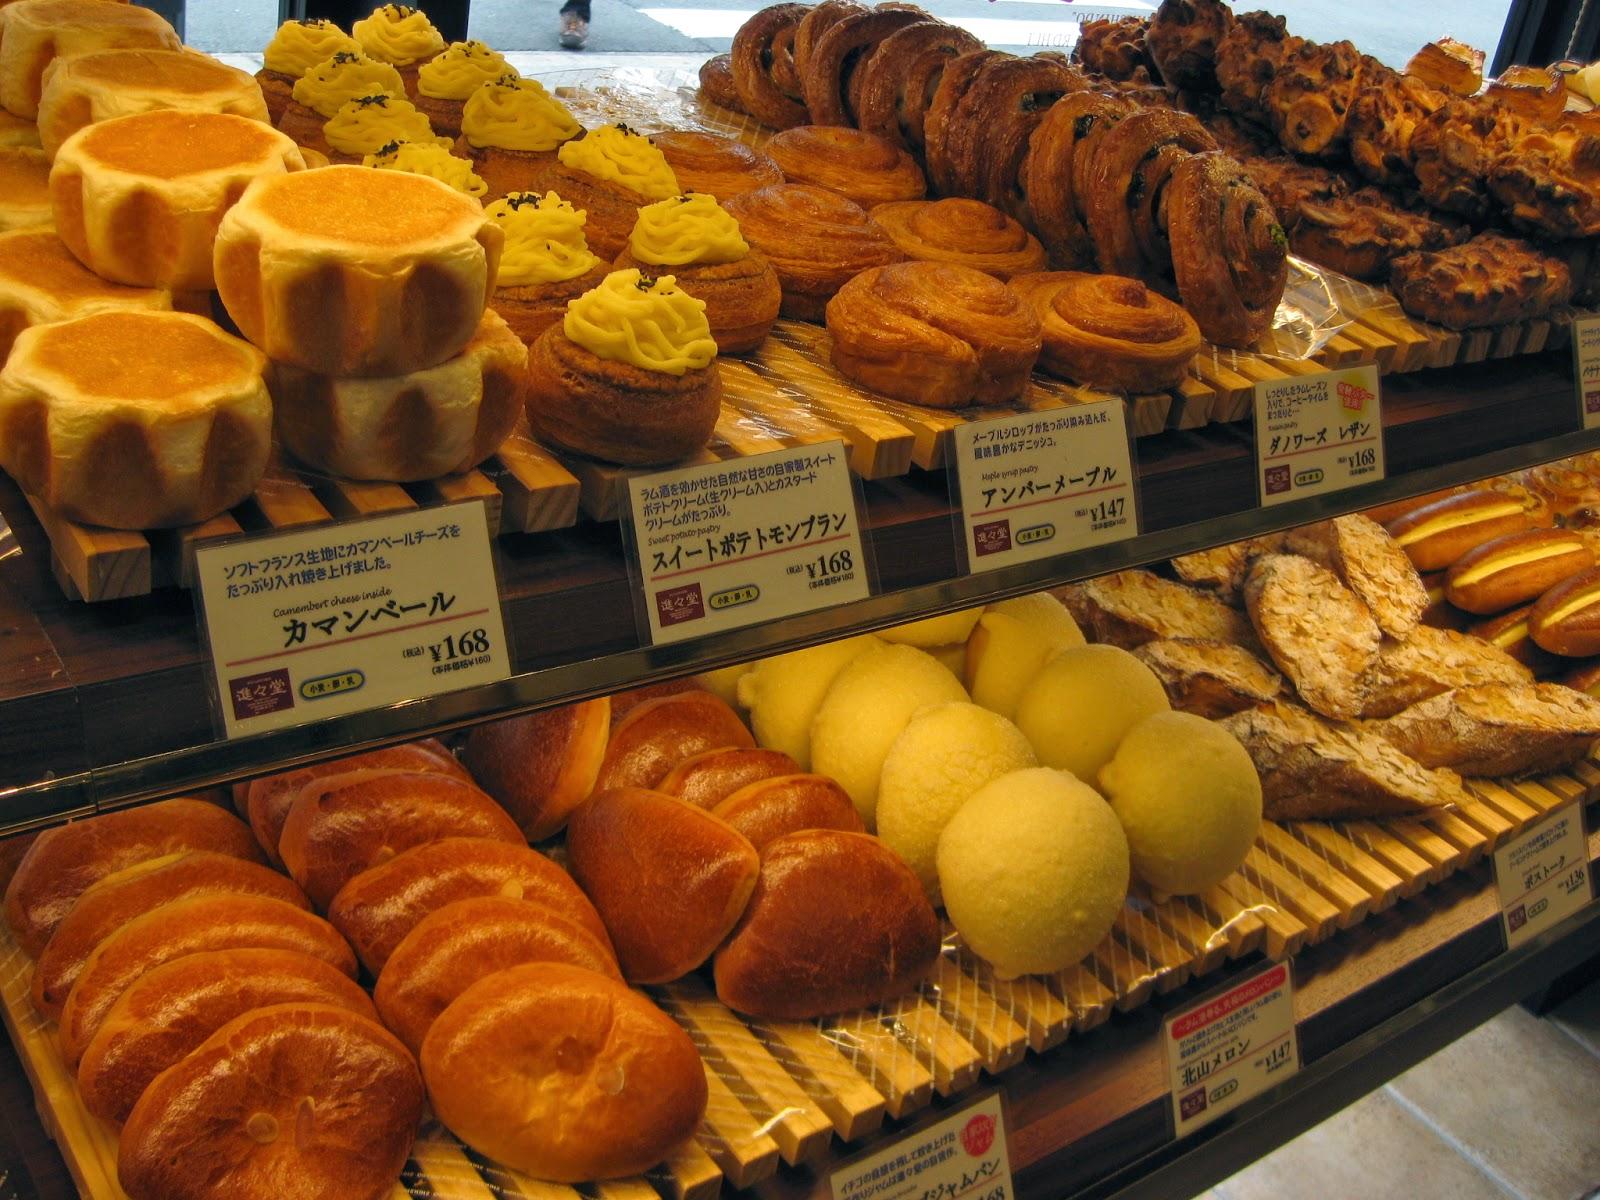 Kyoto - Pastry shop